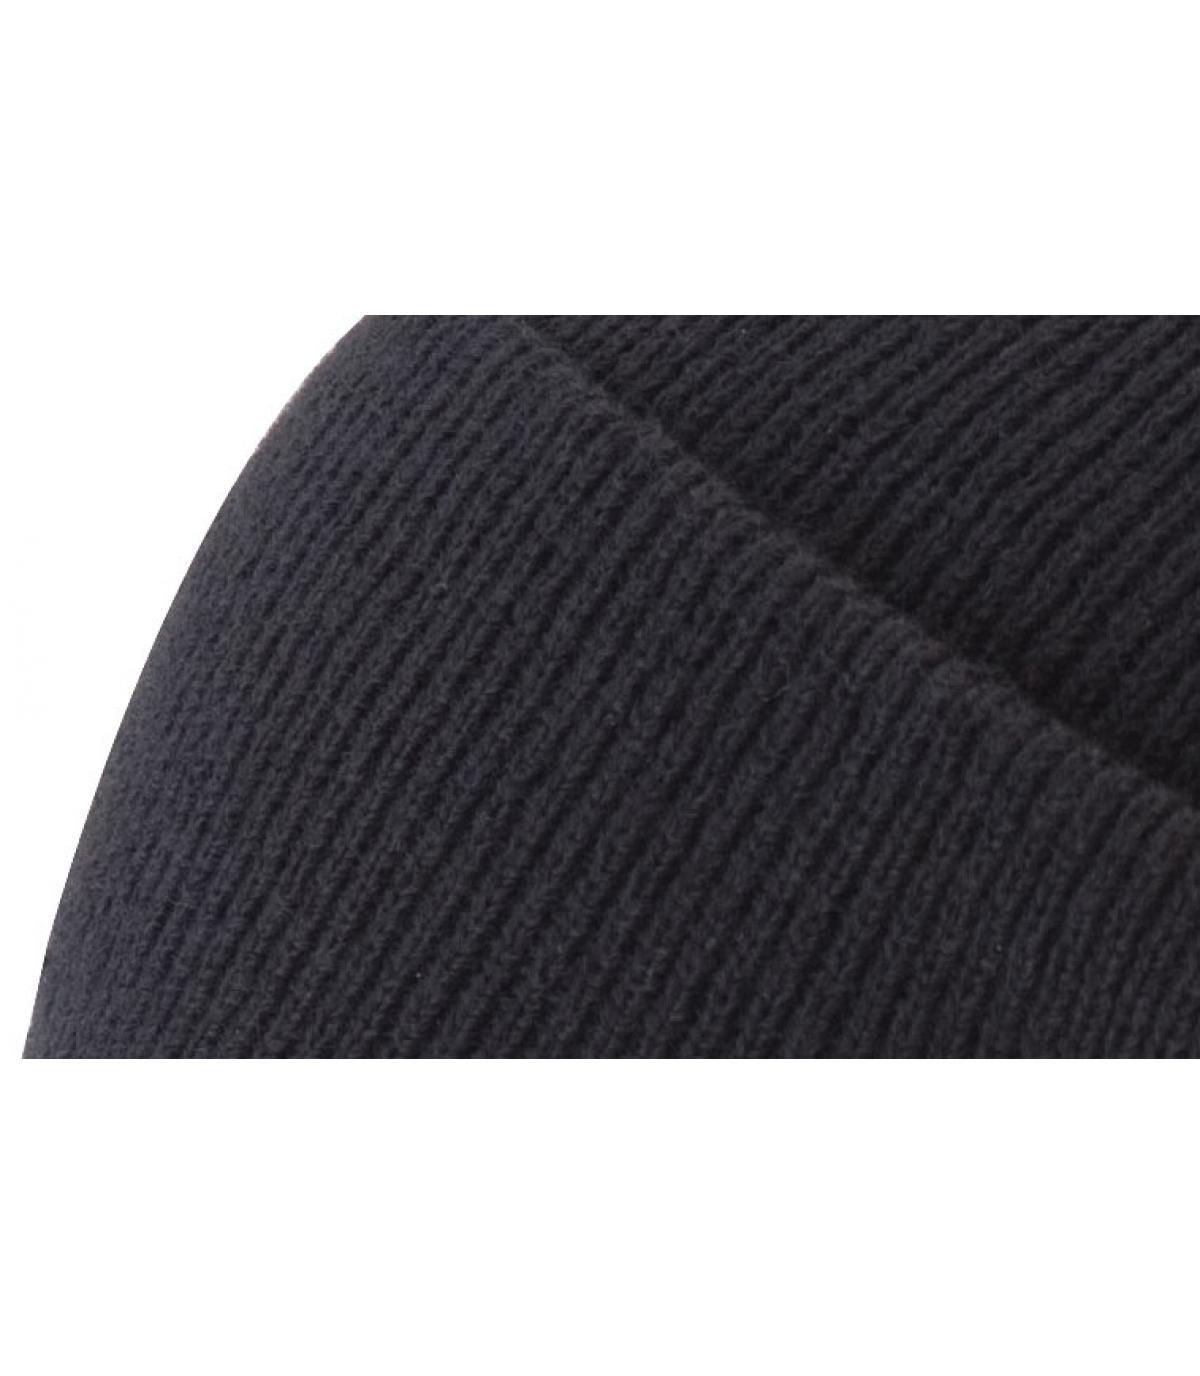 Détails The uniform solid black - image 2